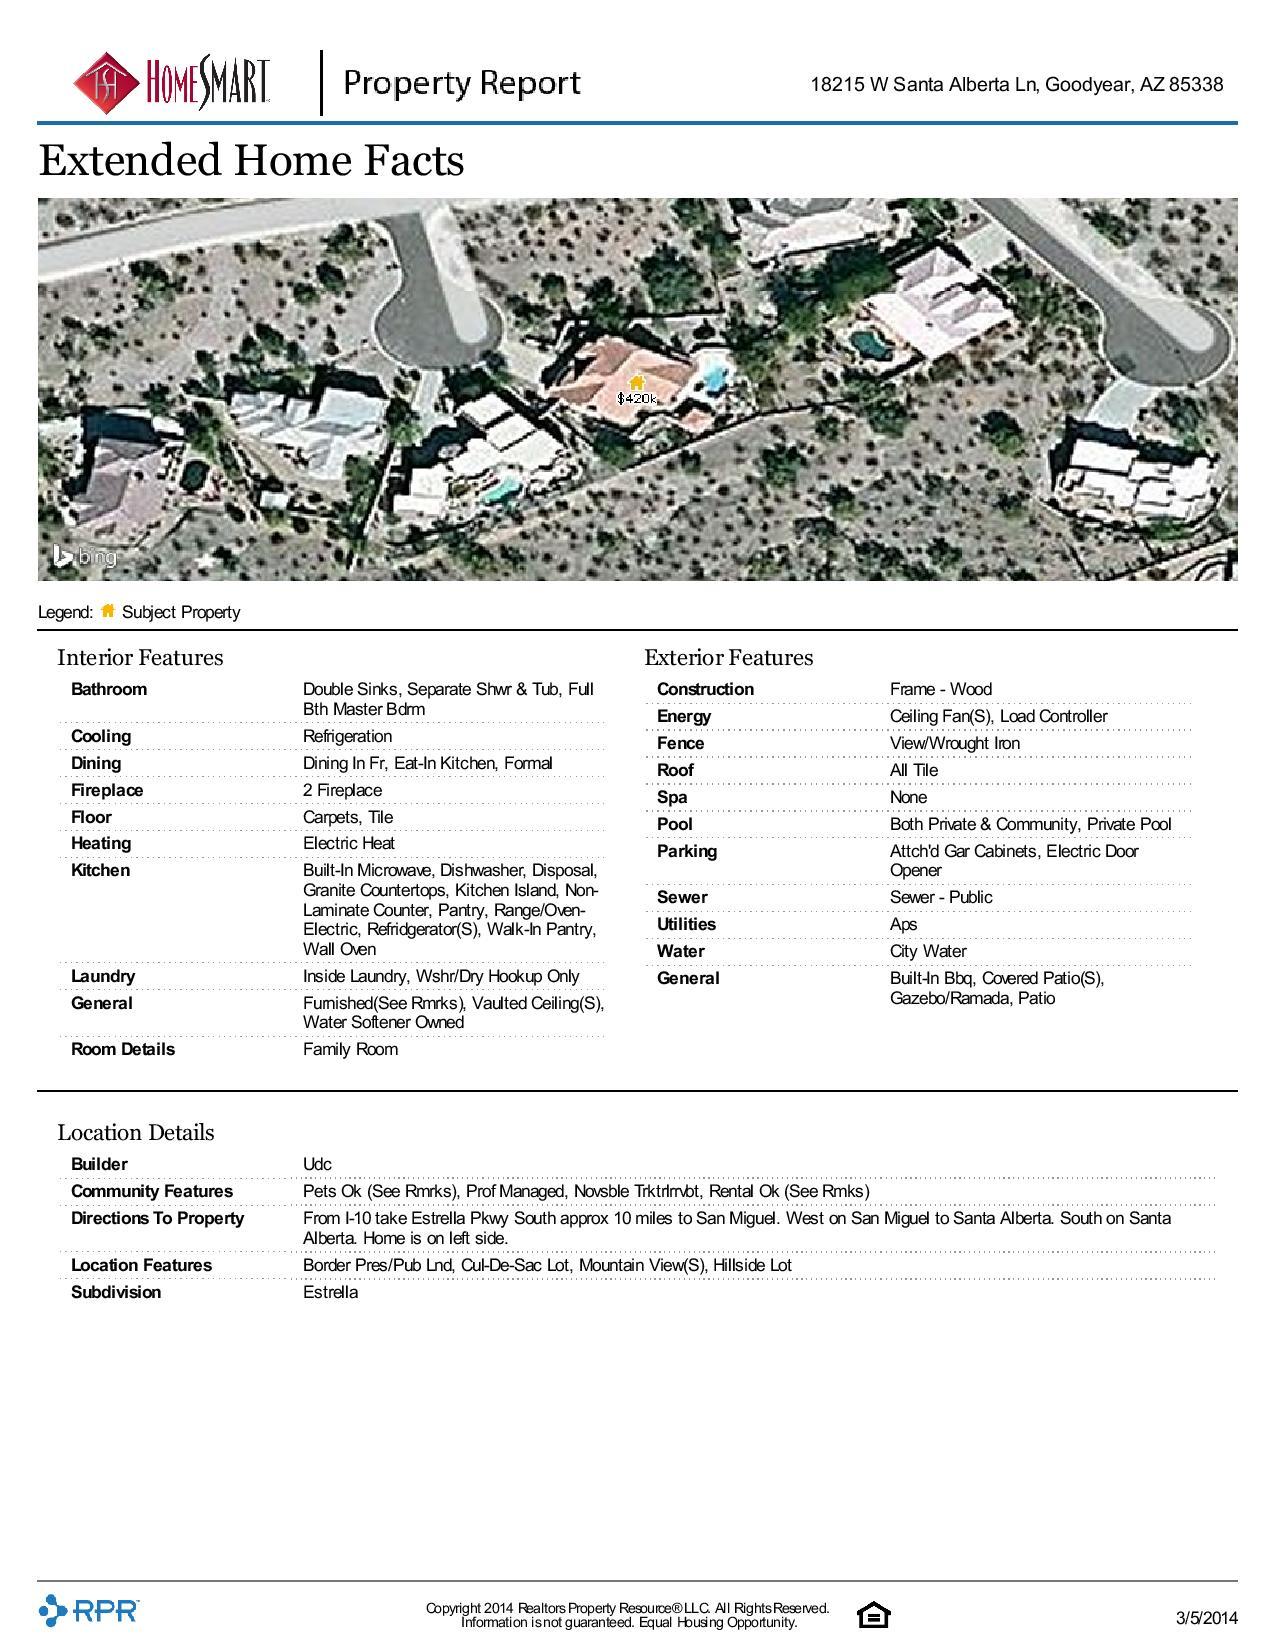 18215-W-Santa-Alberta-Ln-Goodyear-AZ-85338-page-004